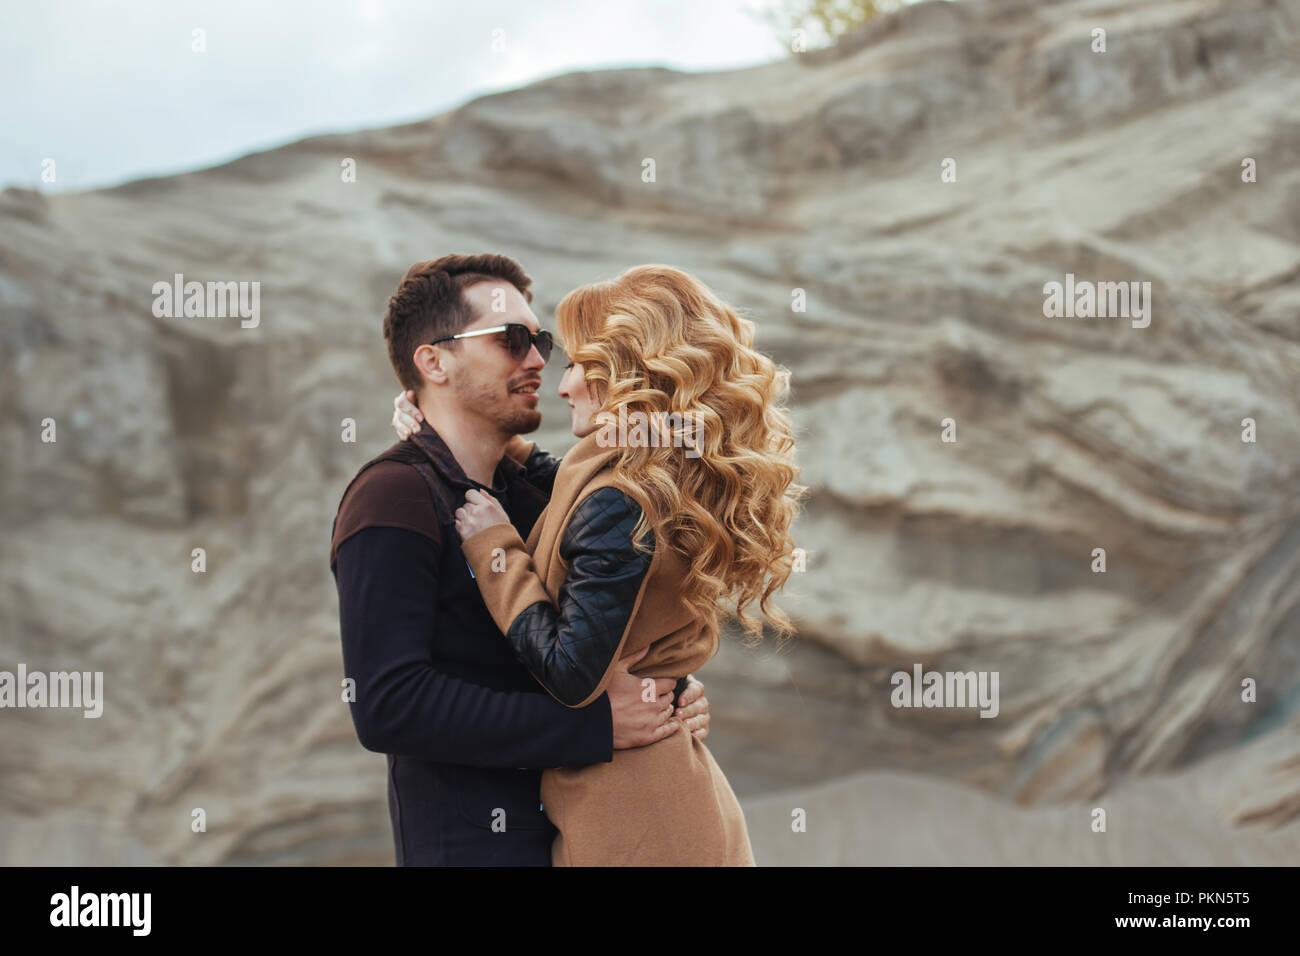 Hermoso par de amor en el día de San Valentín. Feliz pareja joven caminando por las montañas de arena en un día nublado Imagen De Stock